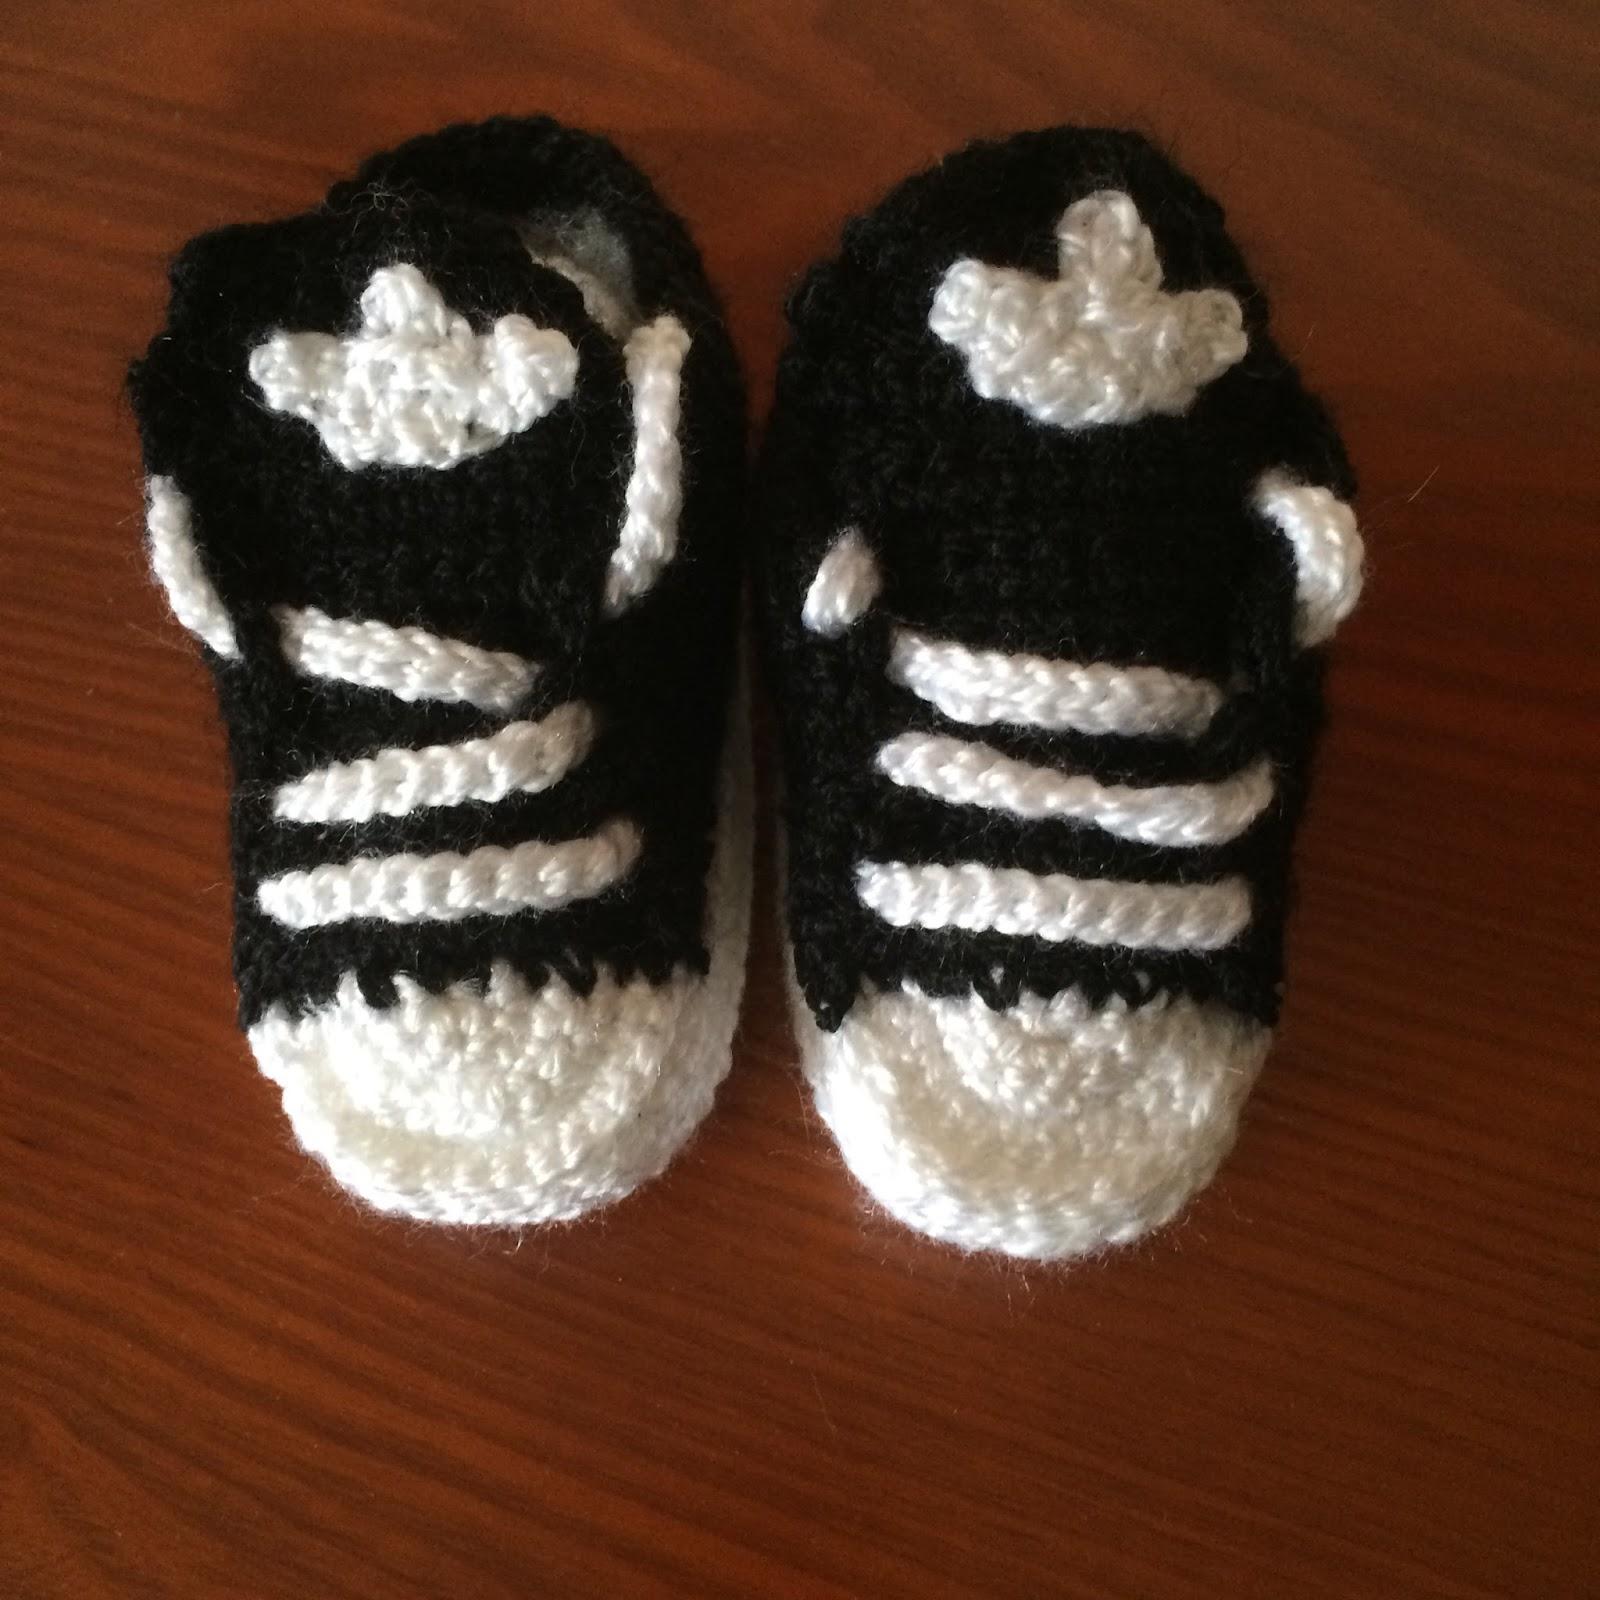 Monasterio Ausencia Fabricación  تعويضات أعد العشاء حديقة حيوان como hacer zapatillas bebe crochet adidas -  natural-soap-directory.org